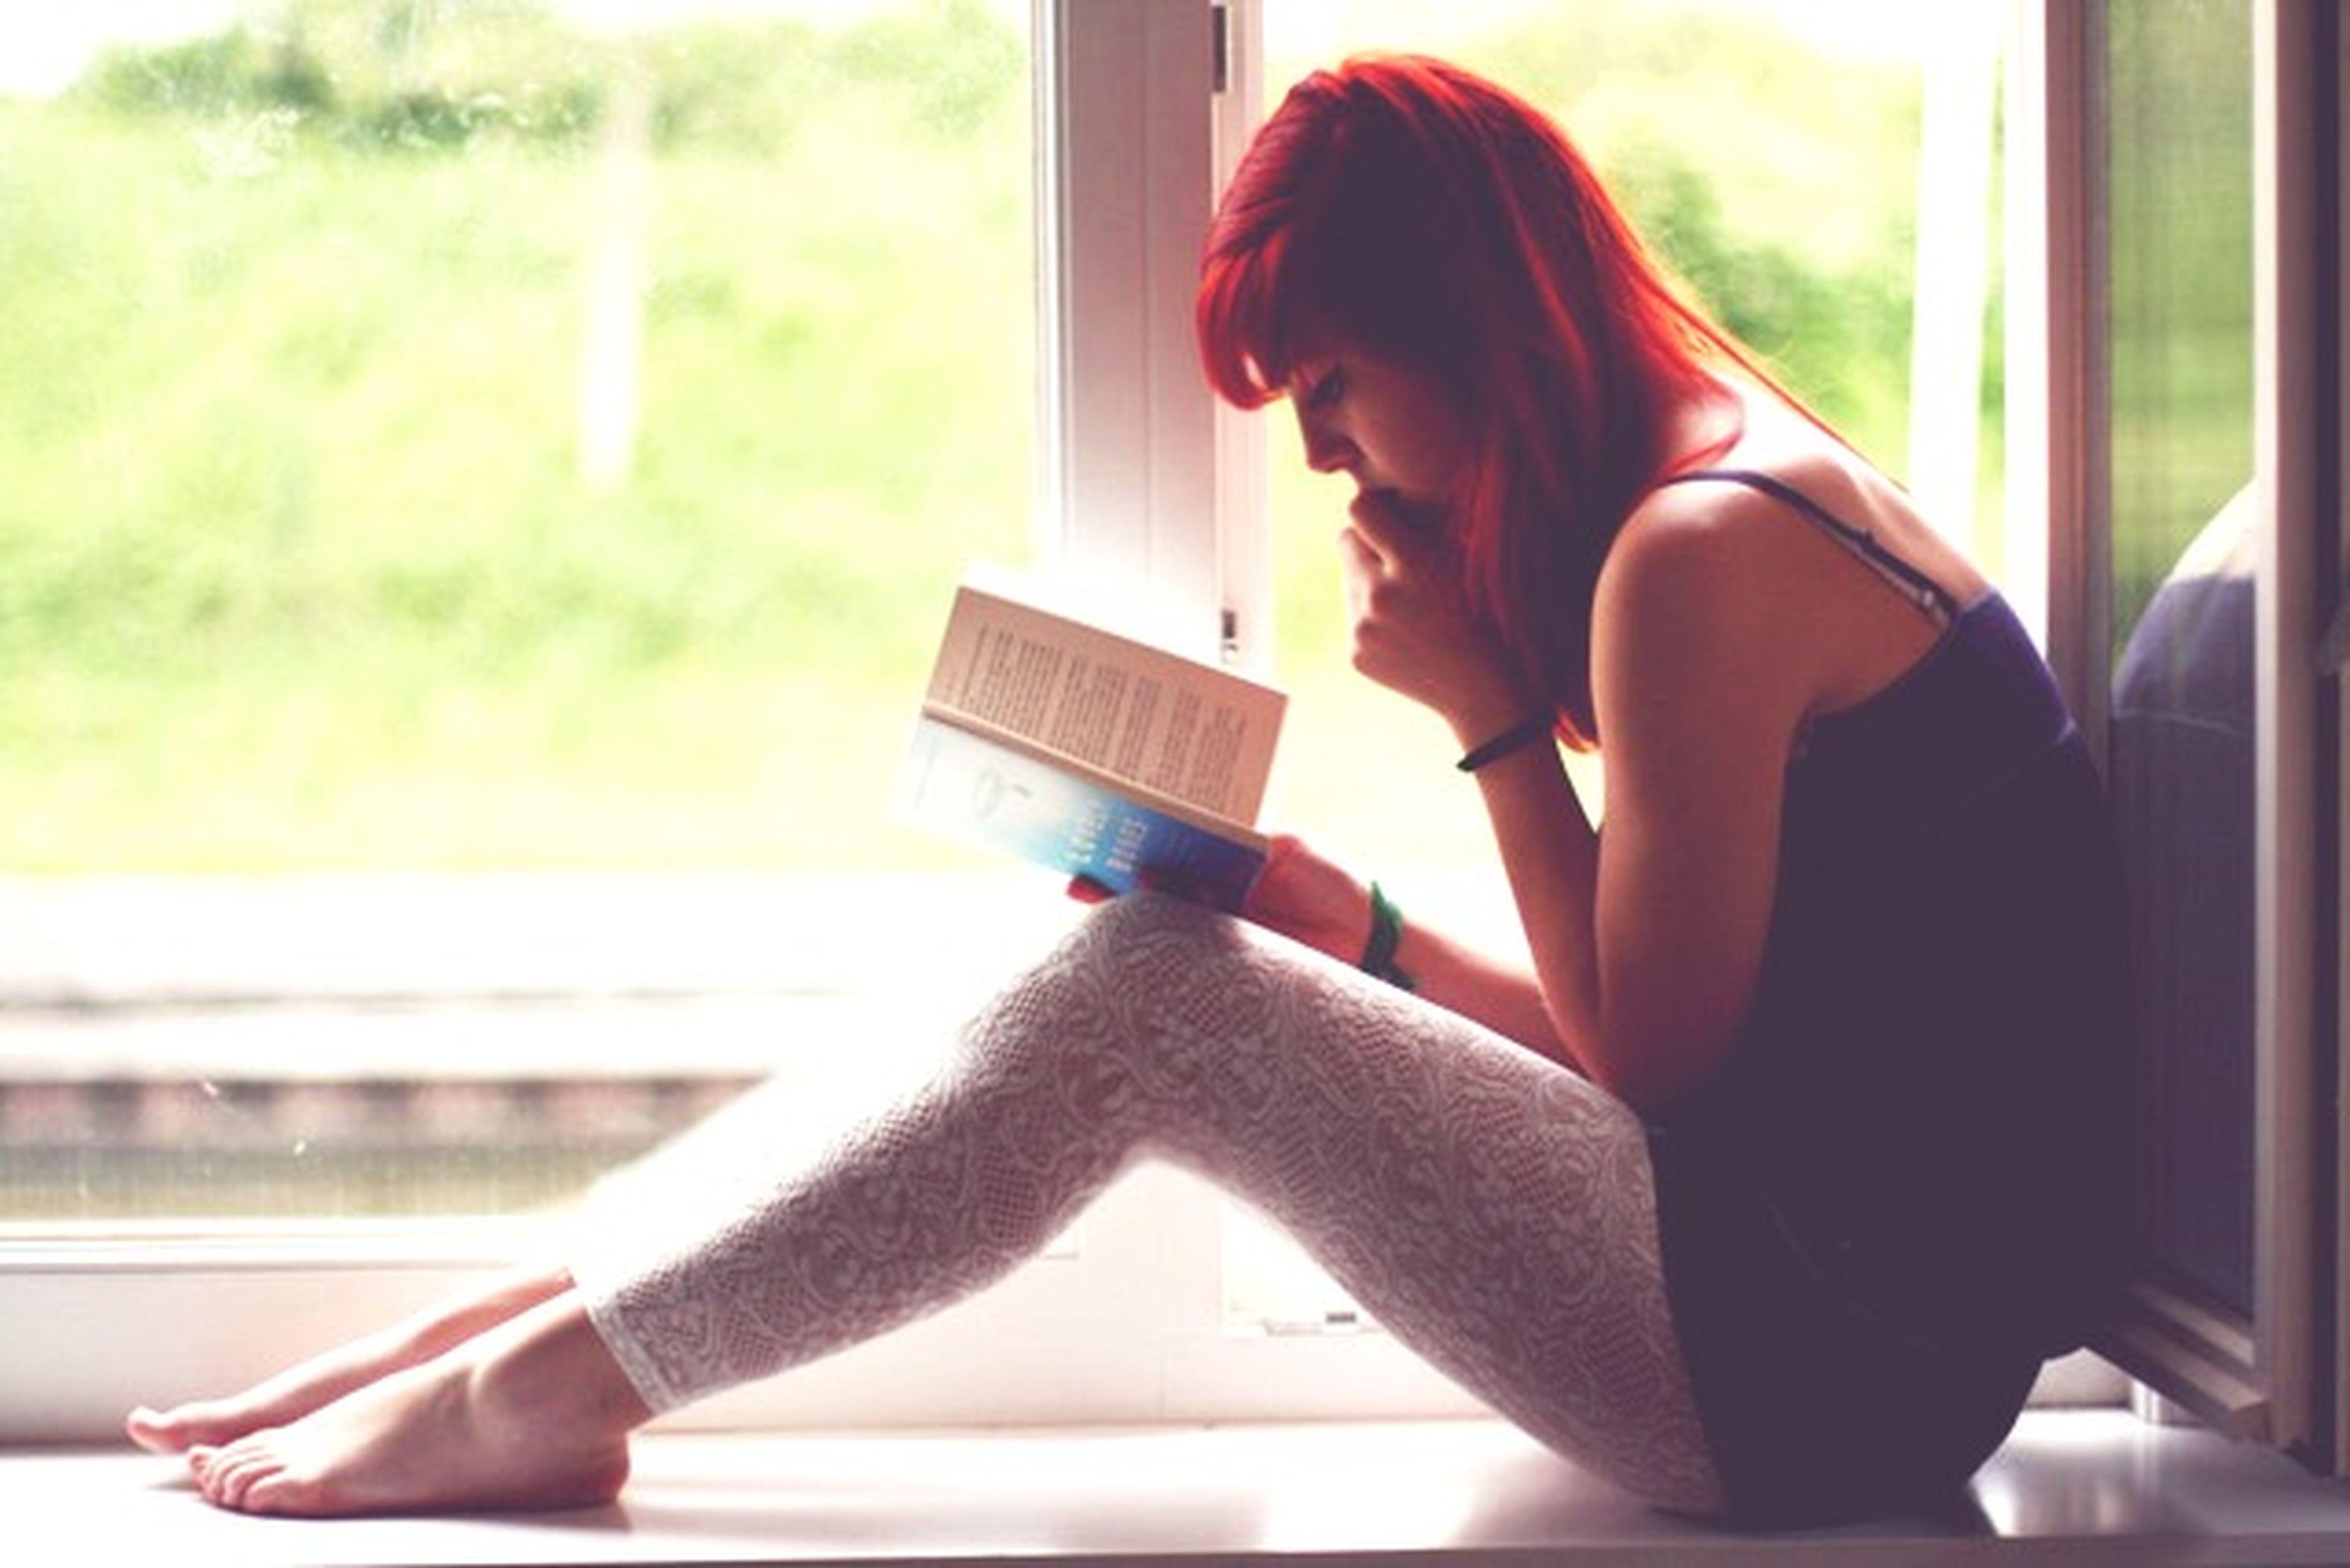 Ты, кажется, читаешь теперь только затем, чтобы находить что-нибудь насчет себя и меня. Впрочем, все женщины так читают. ИванБунин ЖизньАрсеньева